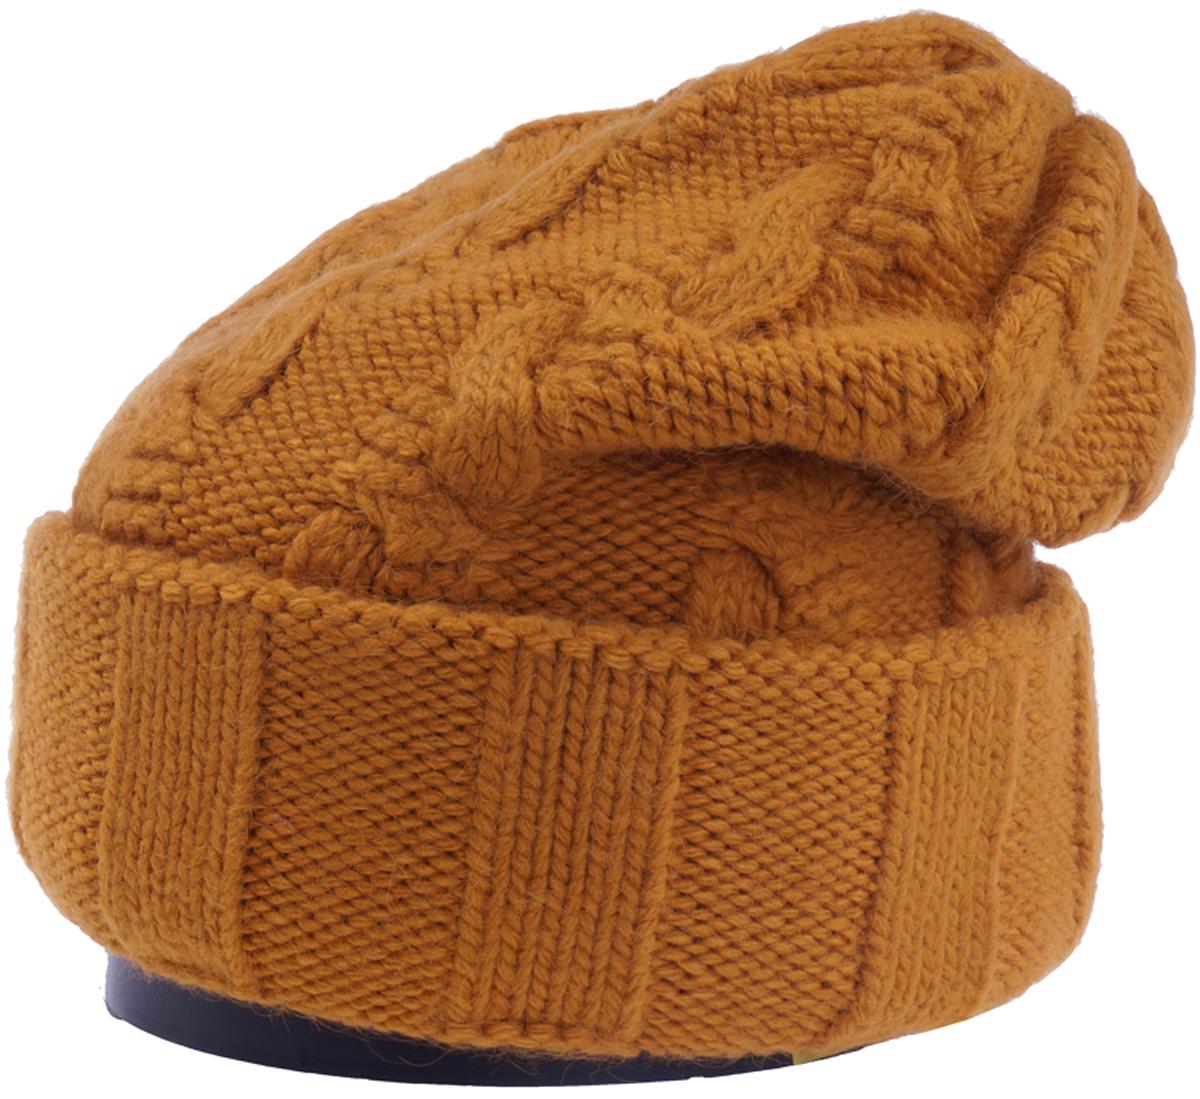 Шапка женская Vittorio Richi, цвет: охра. Aut141937V-42/17. Размер 56/58Aut141937VСтильная женская шапка Vittorio Richi отлично дополнит ваш образ в холодную погоду. Модель, изготовленная из высококачественных материалов, максимально сохраняет тепло и обеспечивает удобную посадку. Шапка дополнена ажурной вязкой. Привлекательная стильная шапка подчеркнет ваш неповторимый стиль и индивидуальность.Шапка двойная